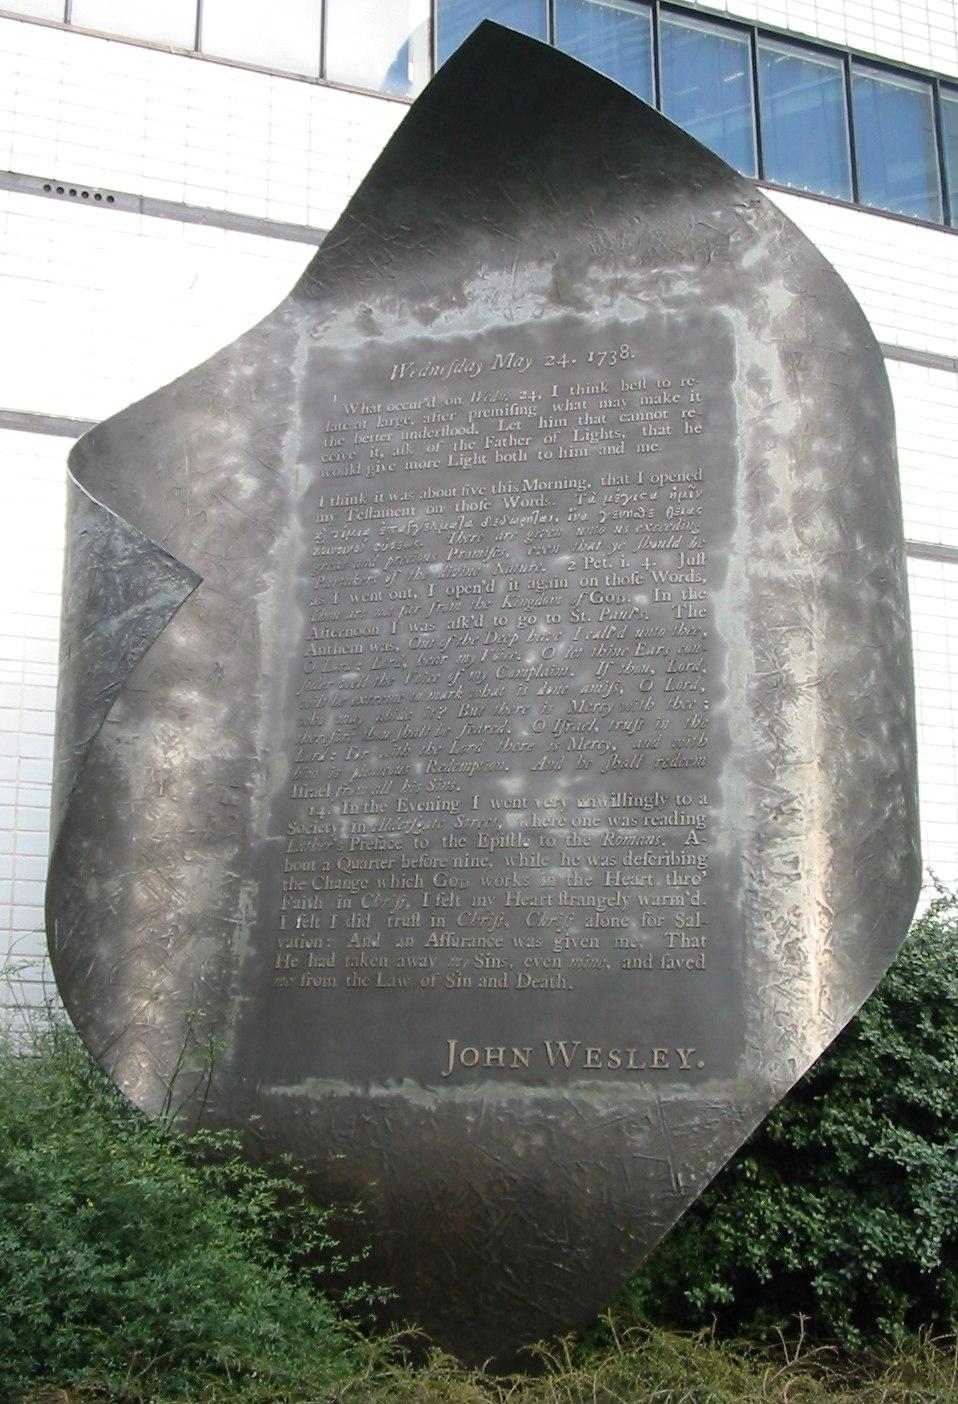 John Wesley memorial Aldersgate